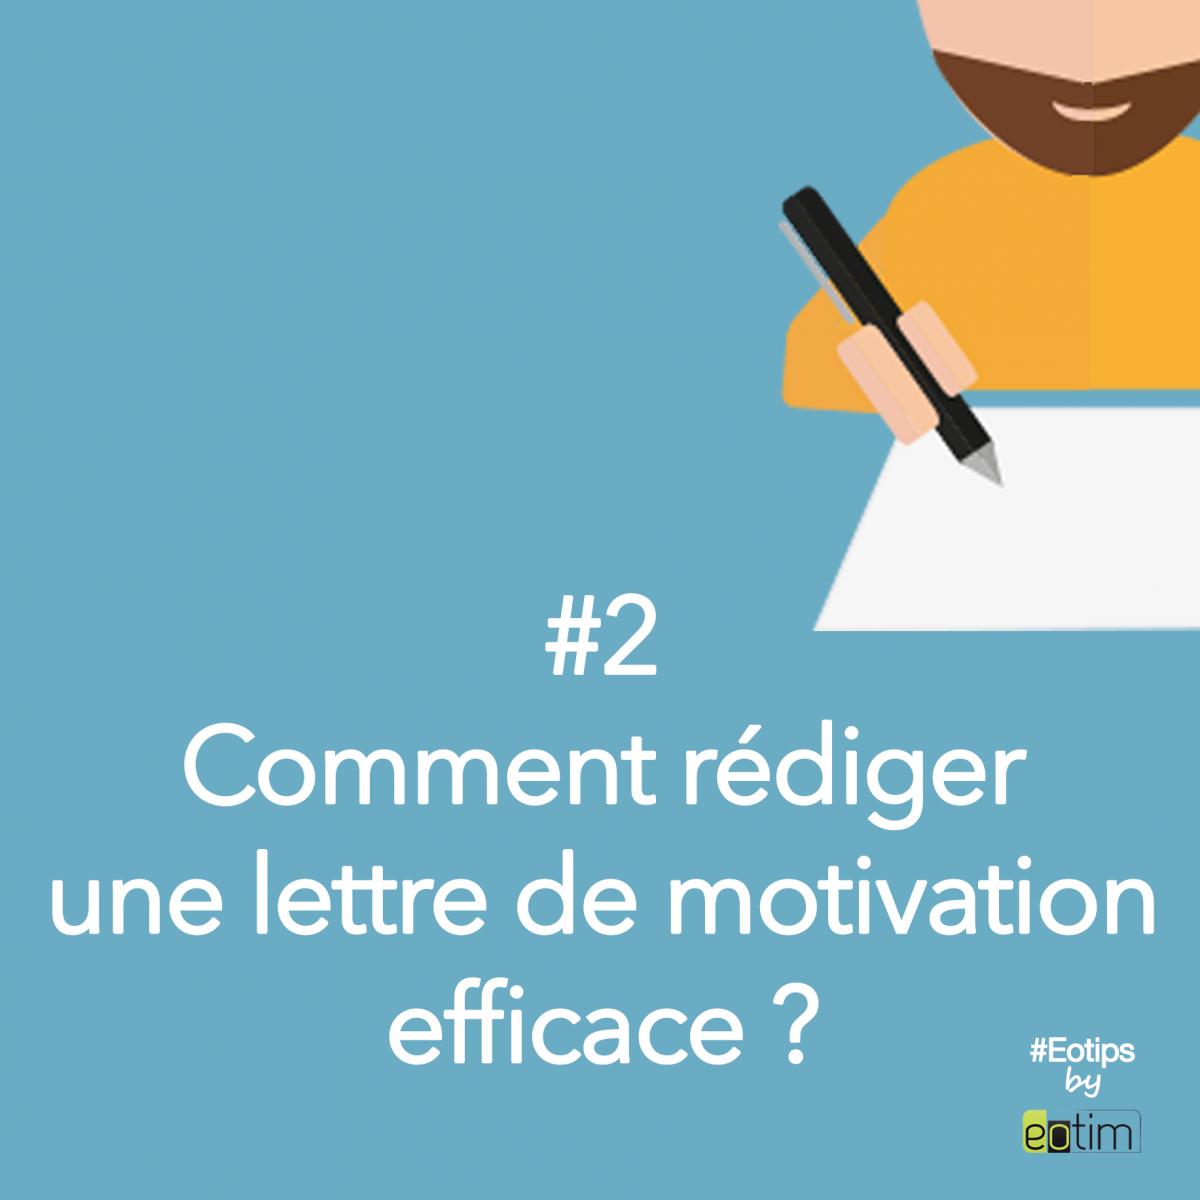 Eotips #2 : Comment rédiger une lettre de motivation efficace ?